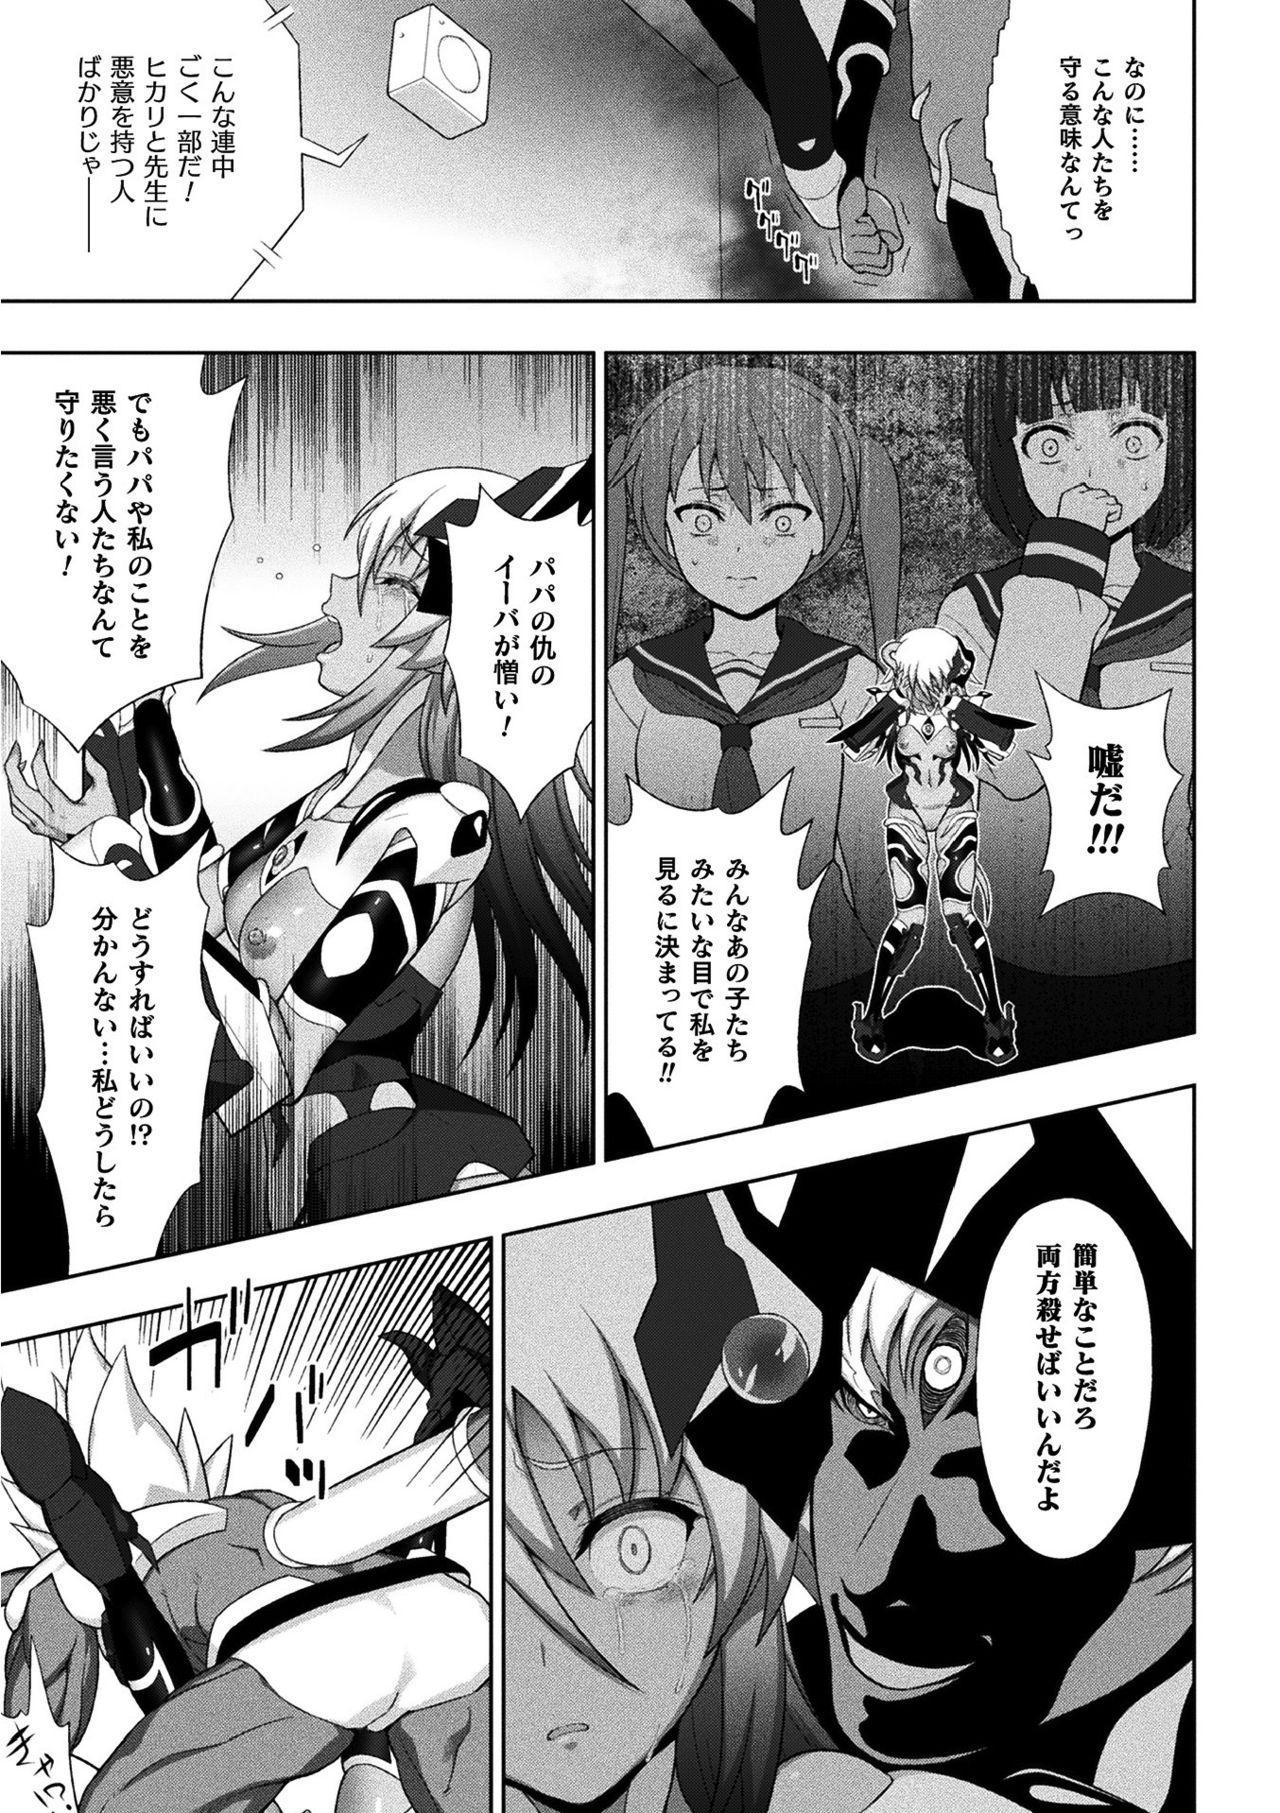 Kukkoro Heroines Vol. 12 18